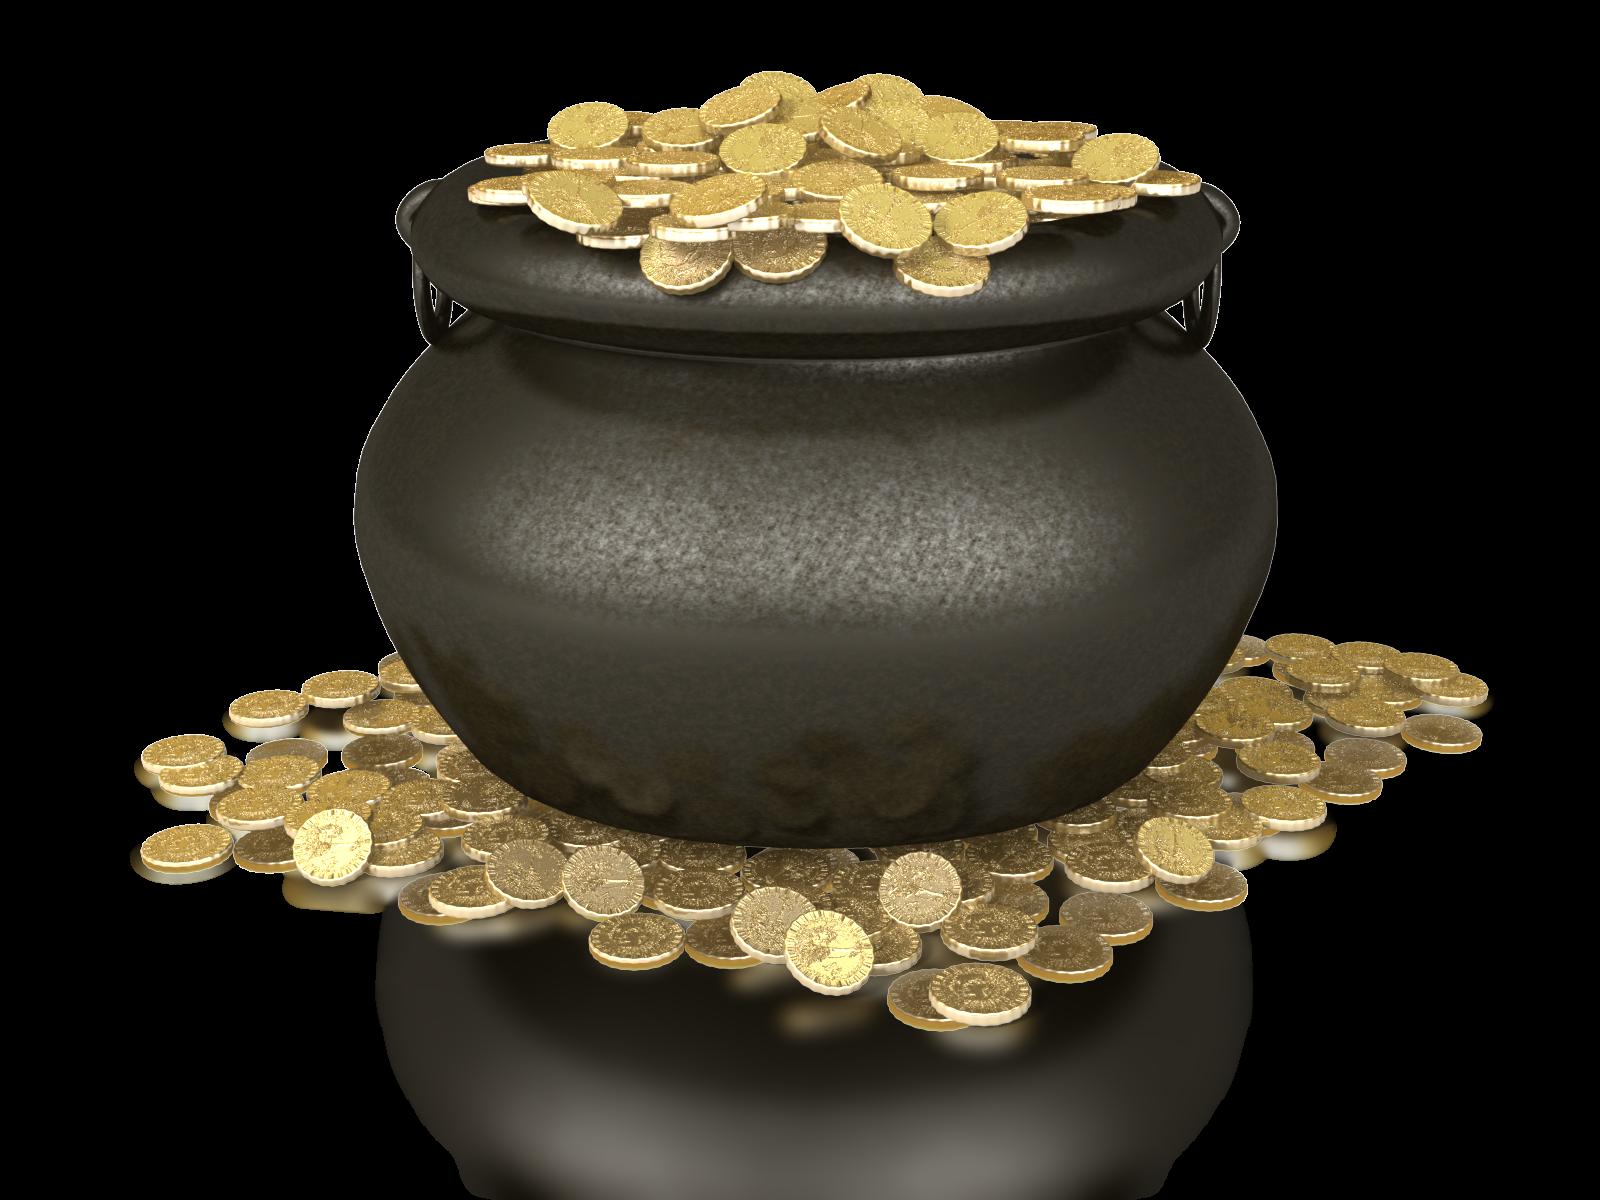 pot of gold quotes quotesgram